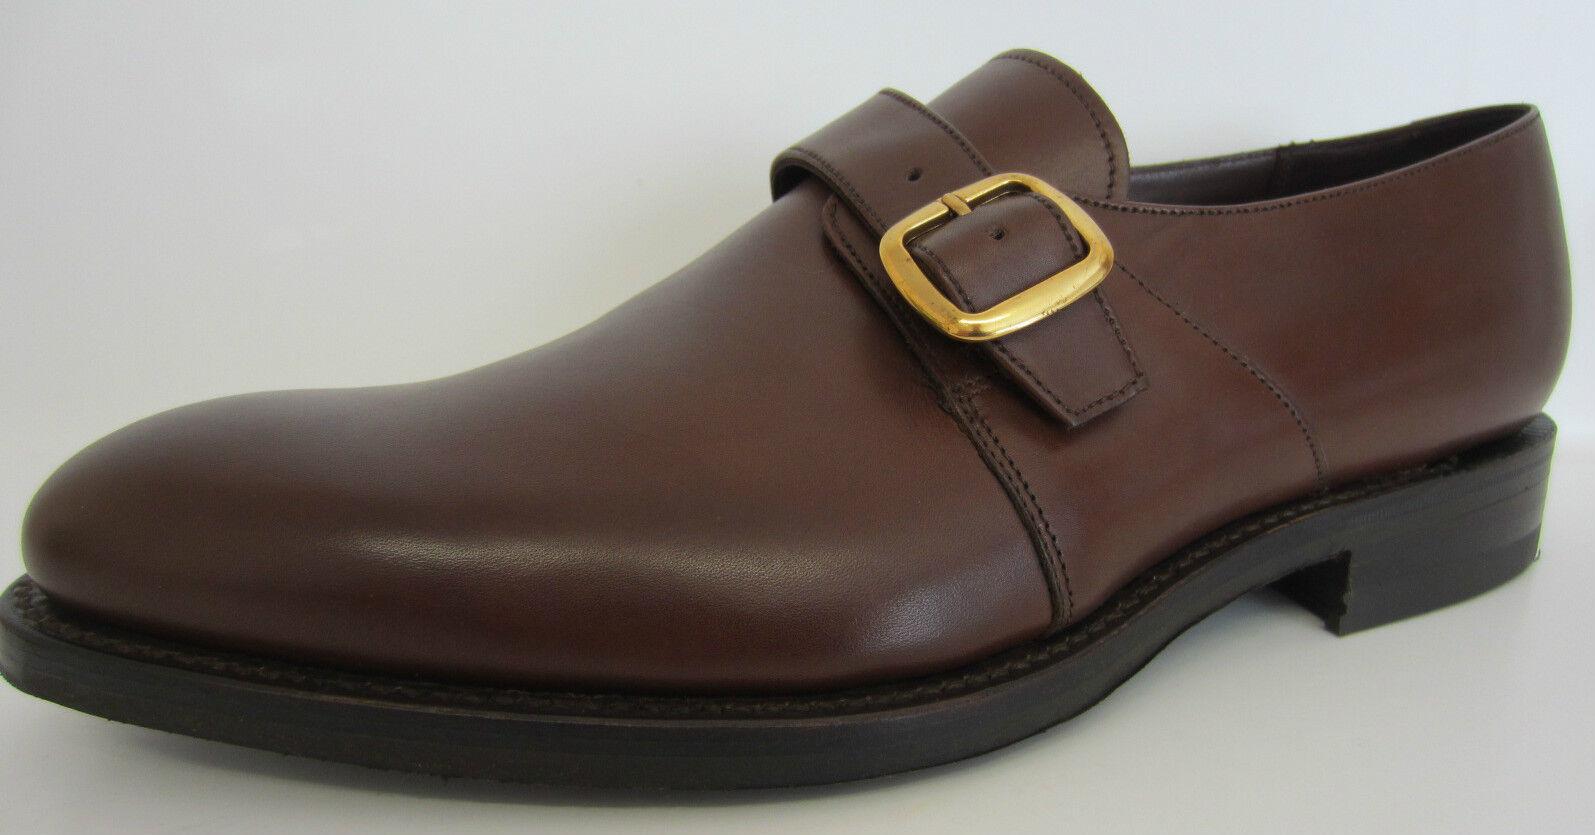 Loake uomo FLOTTA marrone chiusura scuro in pelle scarpe chiusura marrone a FIBBIA 46172e